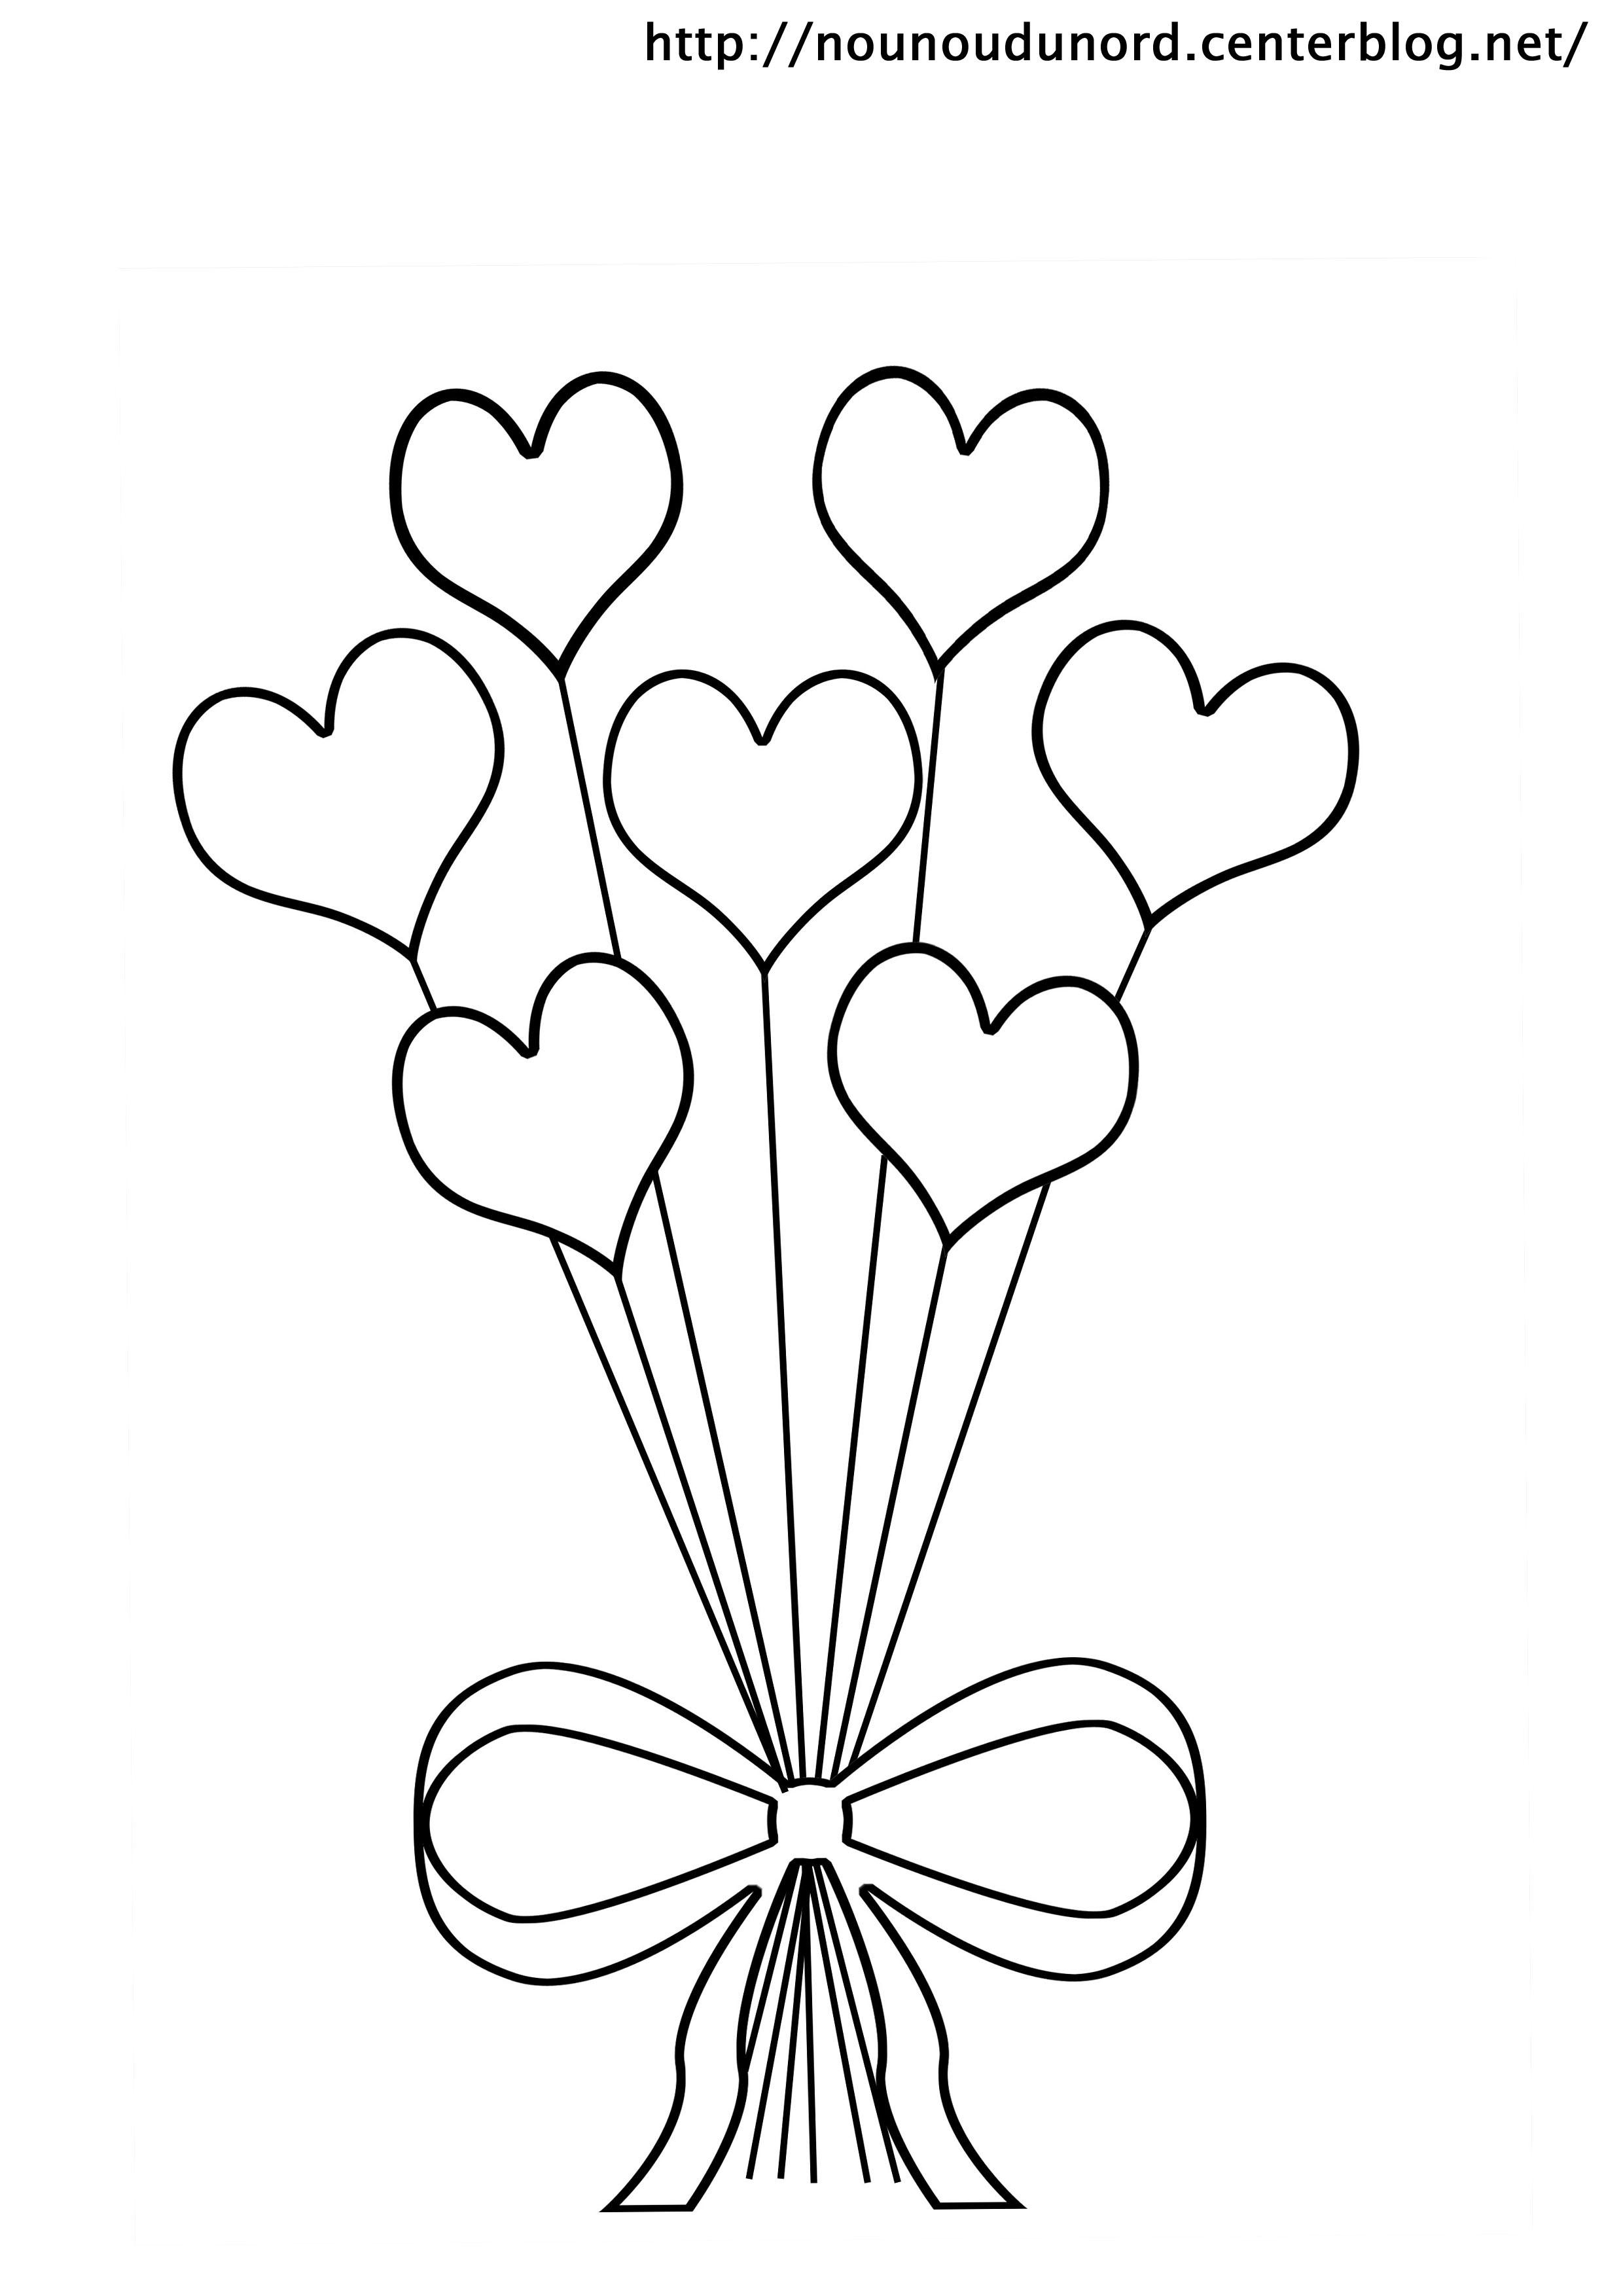 63 dessins de coloriage rose et coeur imprimer sur page 4 - Image de dessin anime gratuit ...